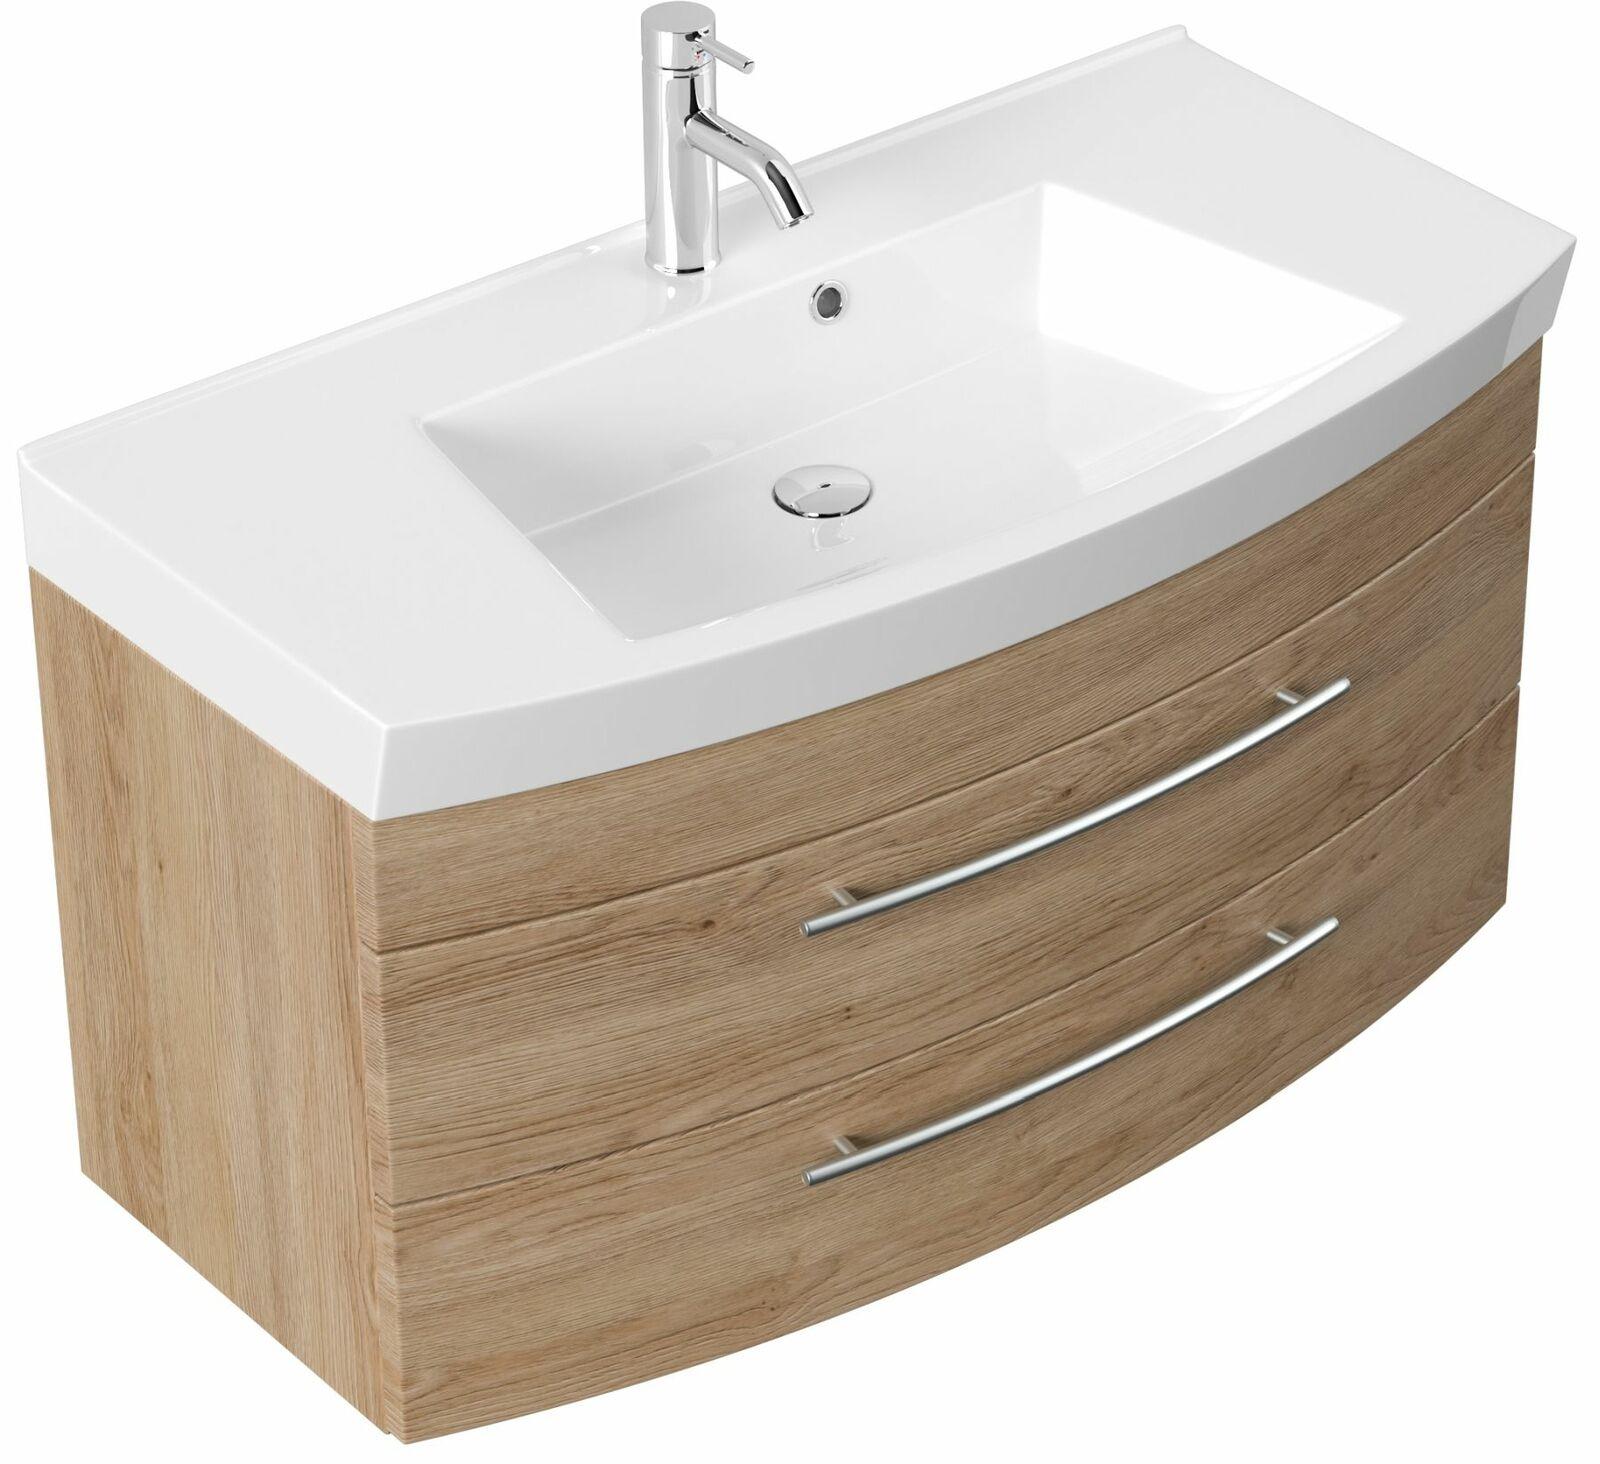 Vasque Avec Meuble Villeroy & Boch Céramique Becken Aire De avec Vasque 100 Cm 2 Robinets